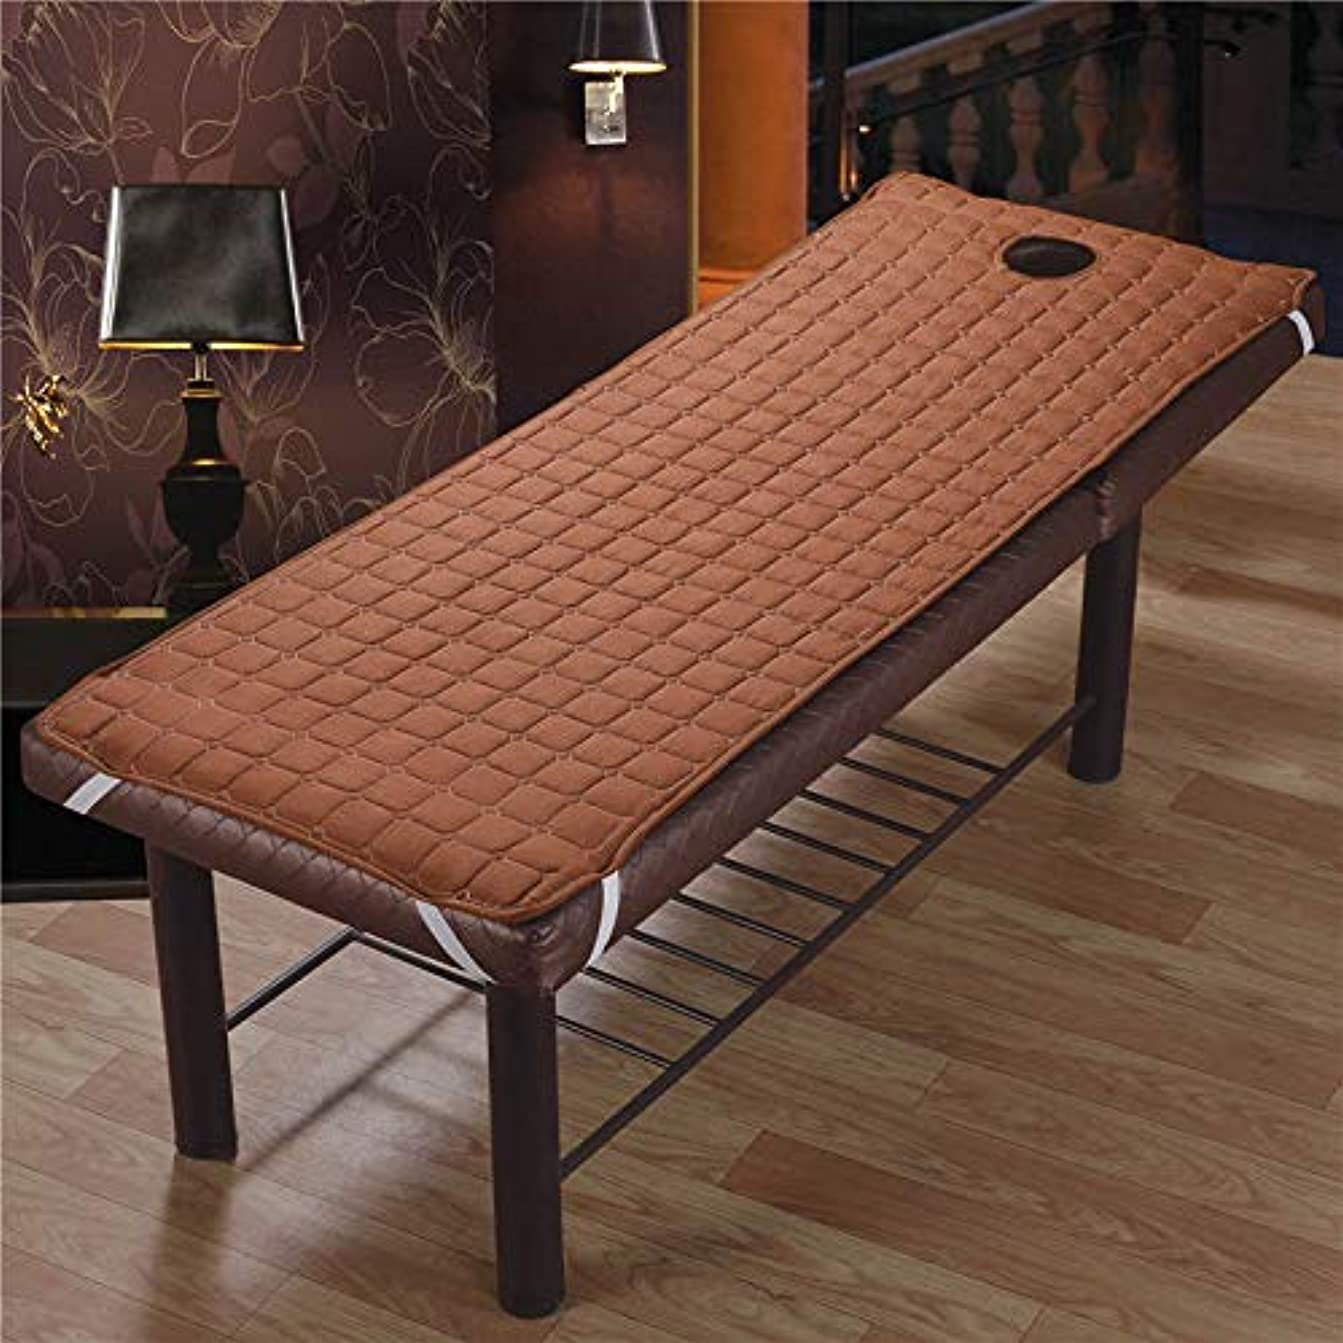 増幅器率直な達成するCoolTack  美容院のマッサージ療法のベッドのための滑り止めのSoliod色の長方形のマットレス